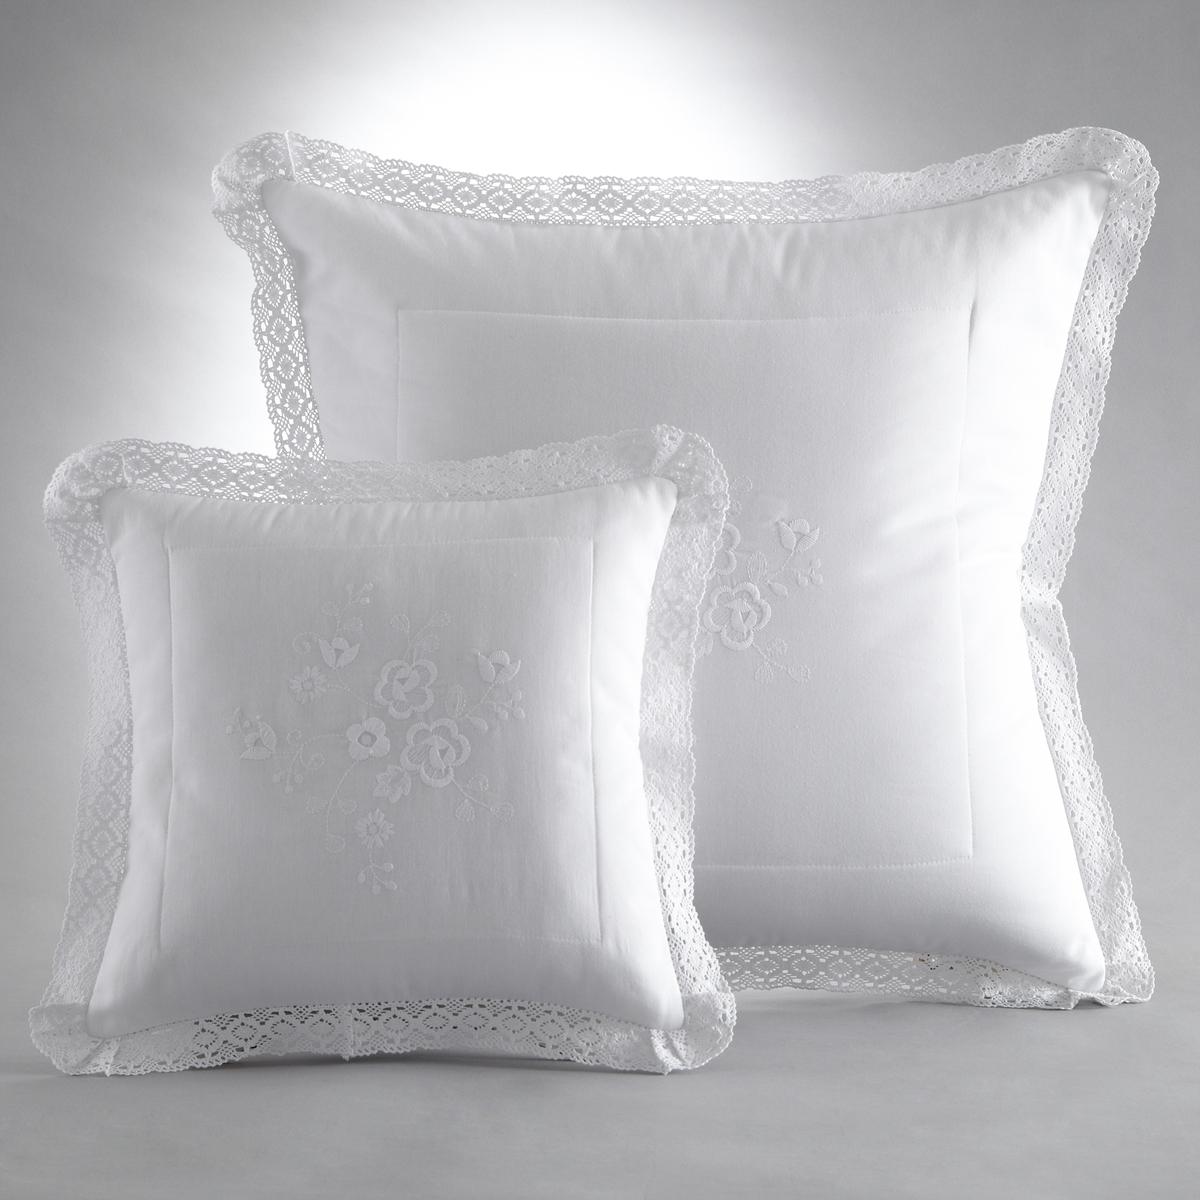 Наволочка на подушку-валик или наволочка, Oyena